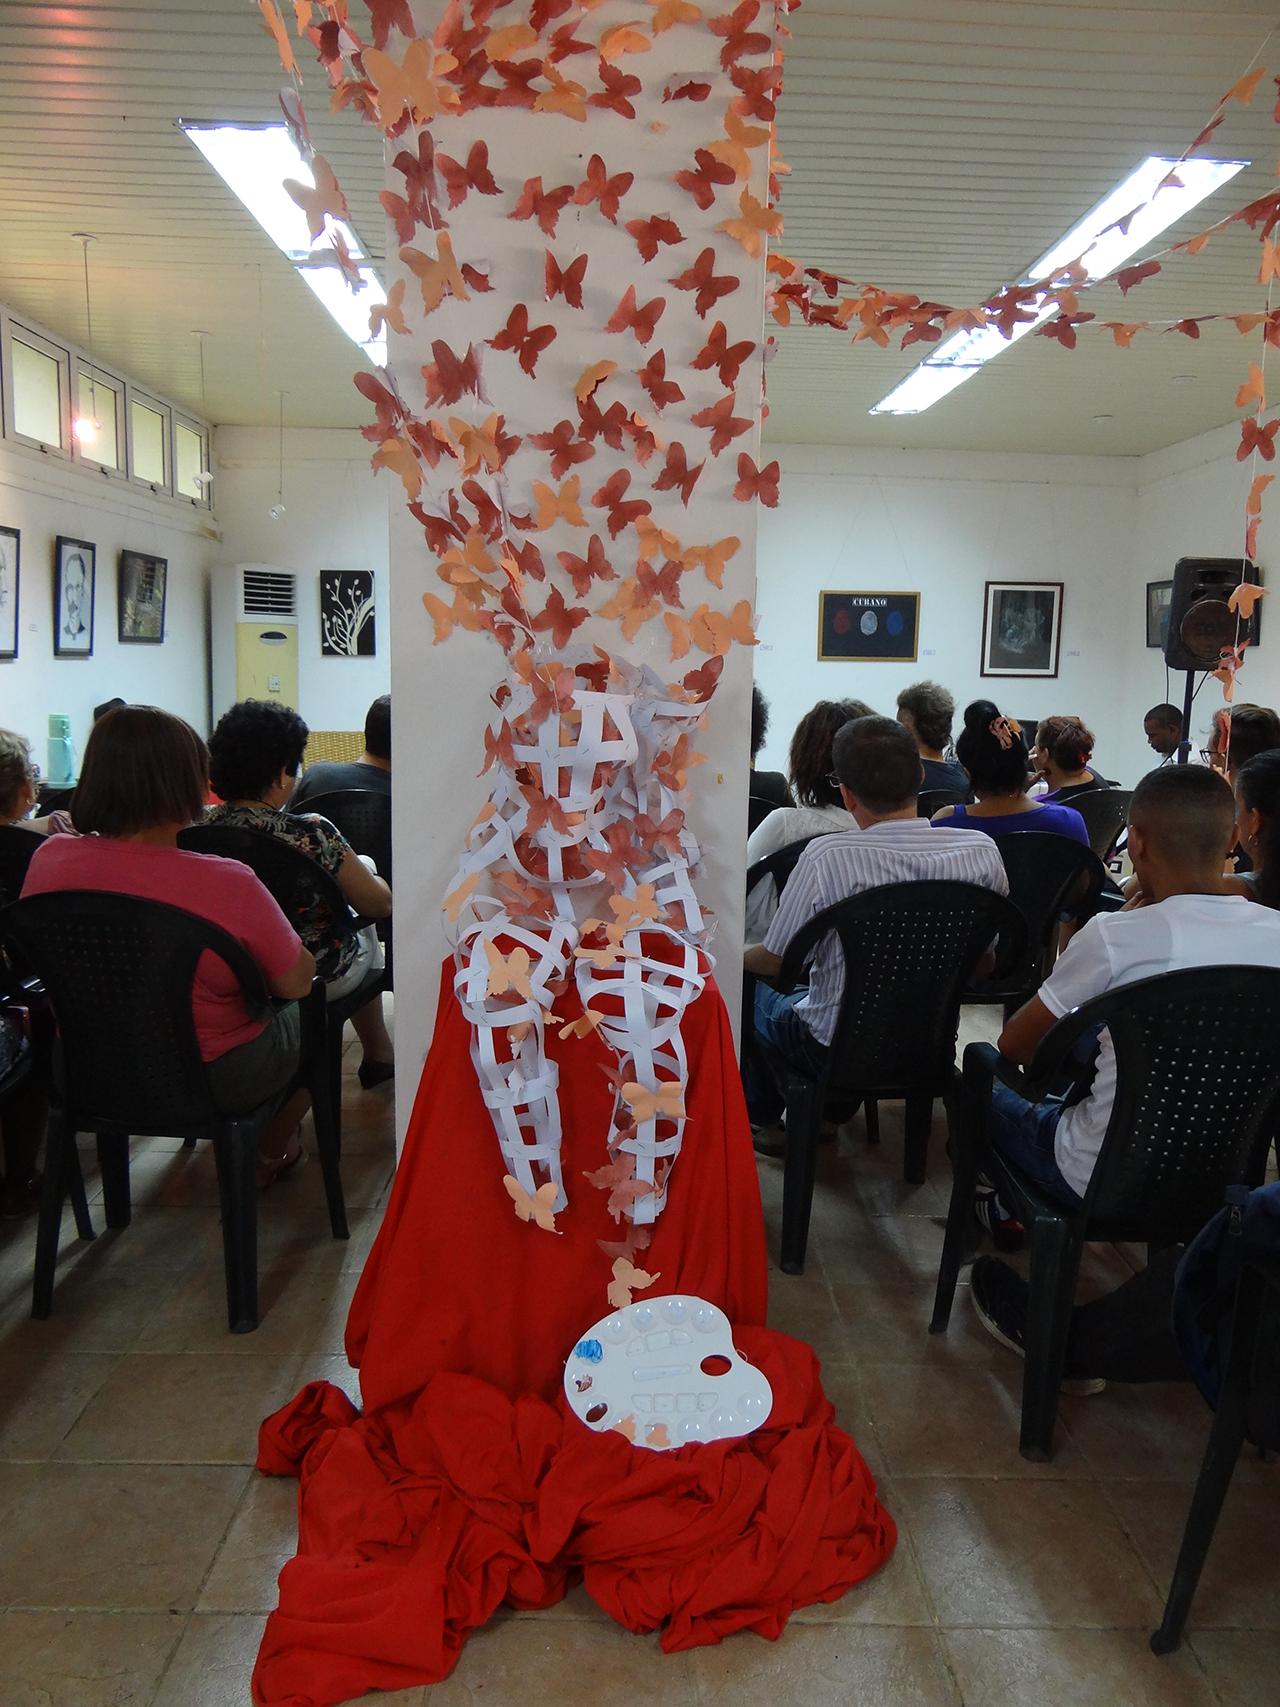 Artes Plásticas y Literatura en Jornada de la Cultura en